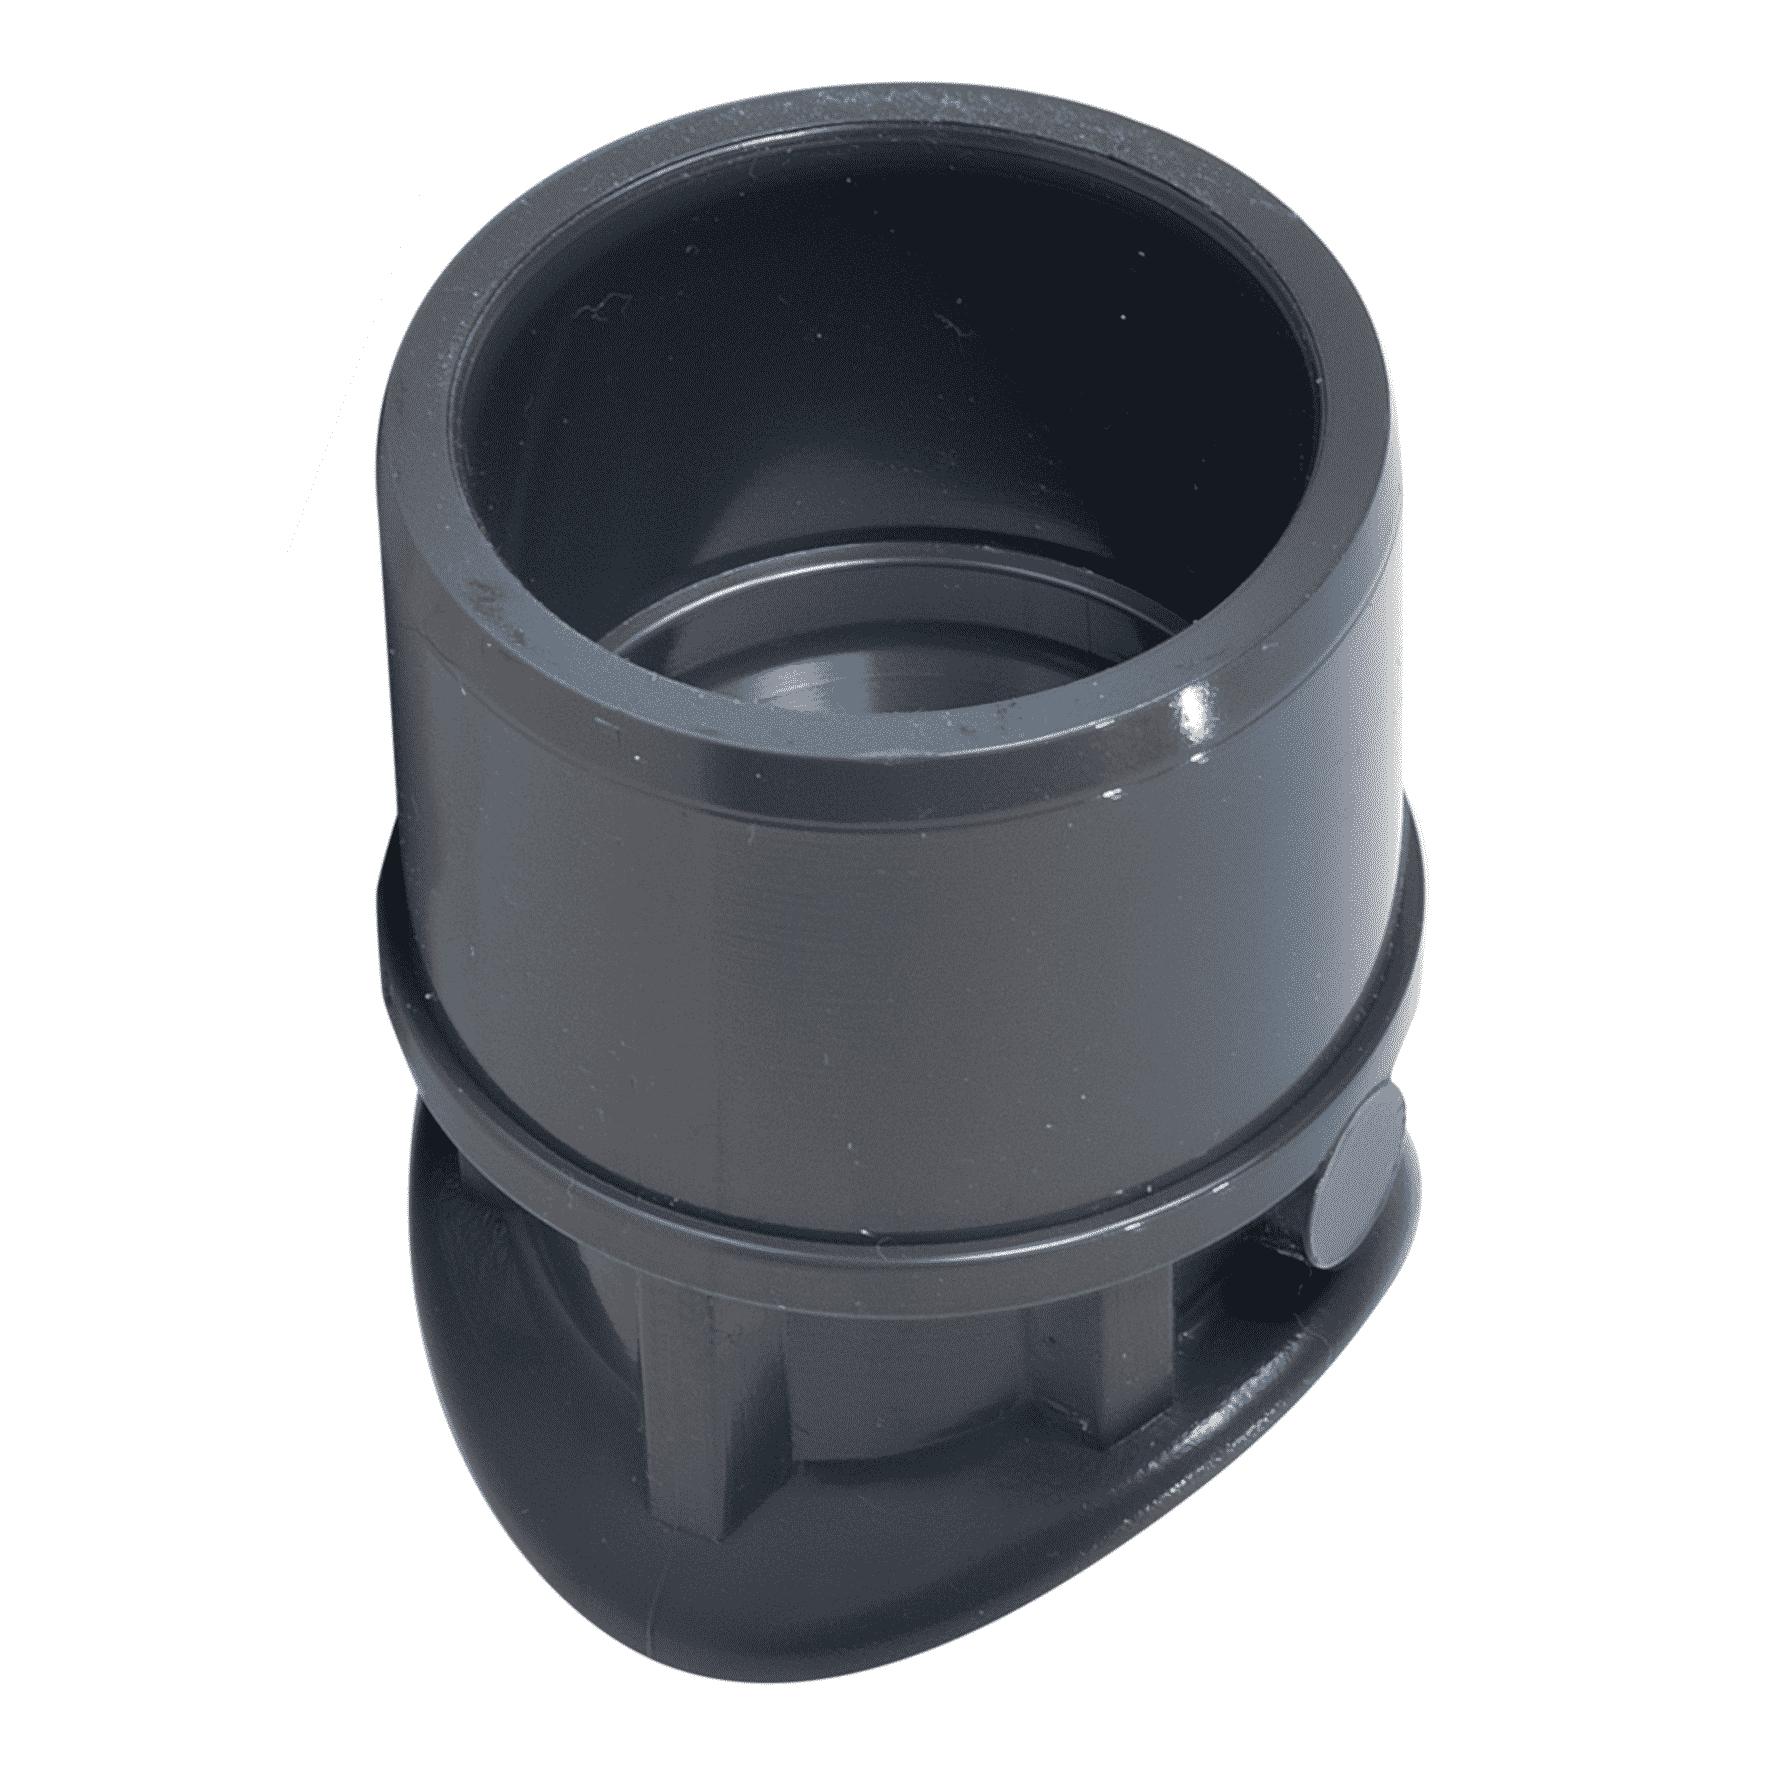 PVC-U saddle socket - EFFAST - 100% Made in Italy